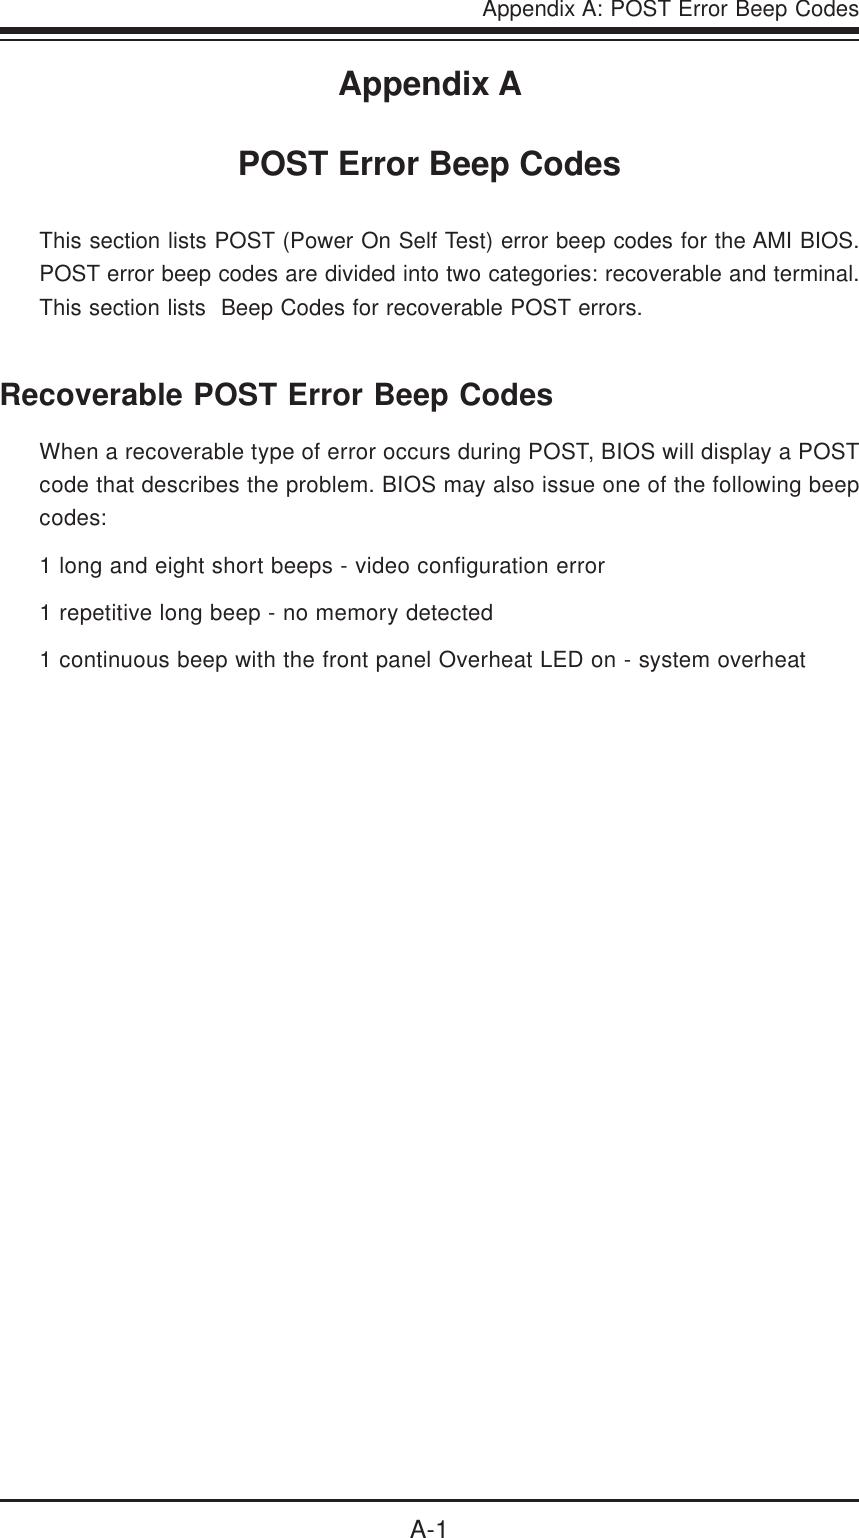 Super Micro Computer X8Sti Users Manual 1 0a indb